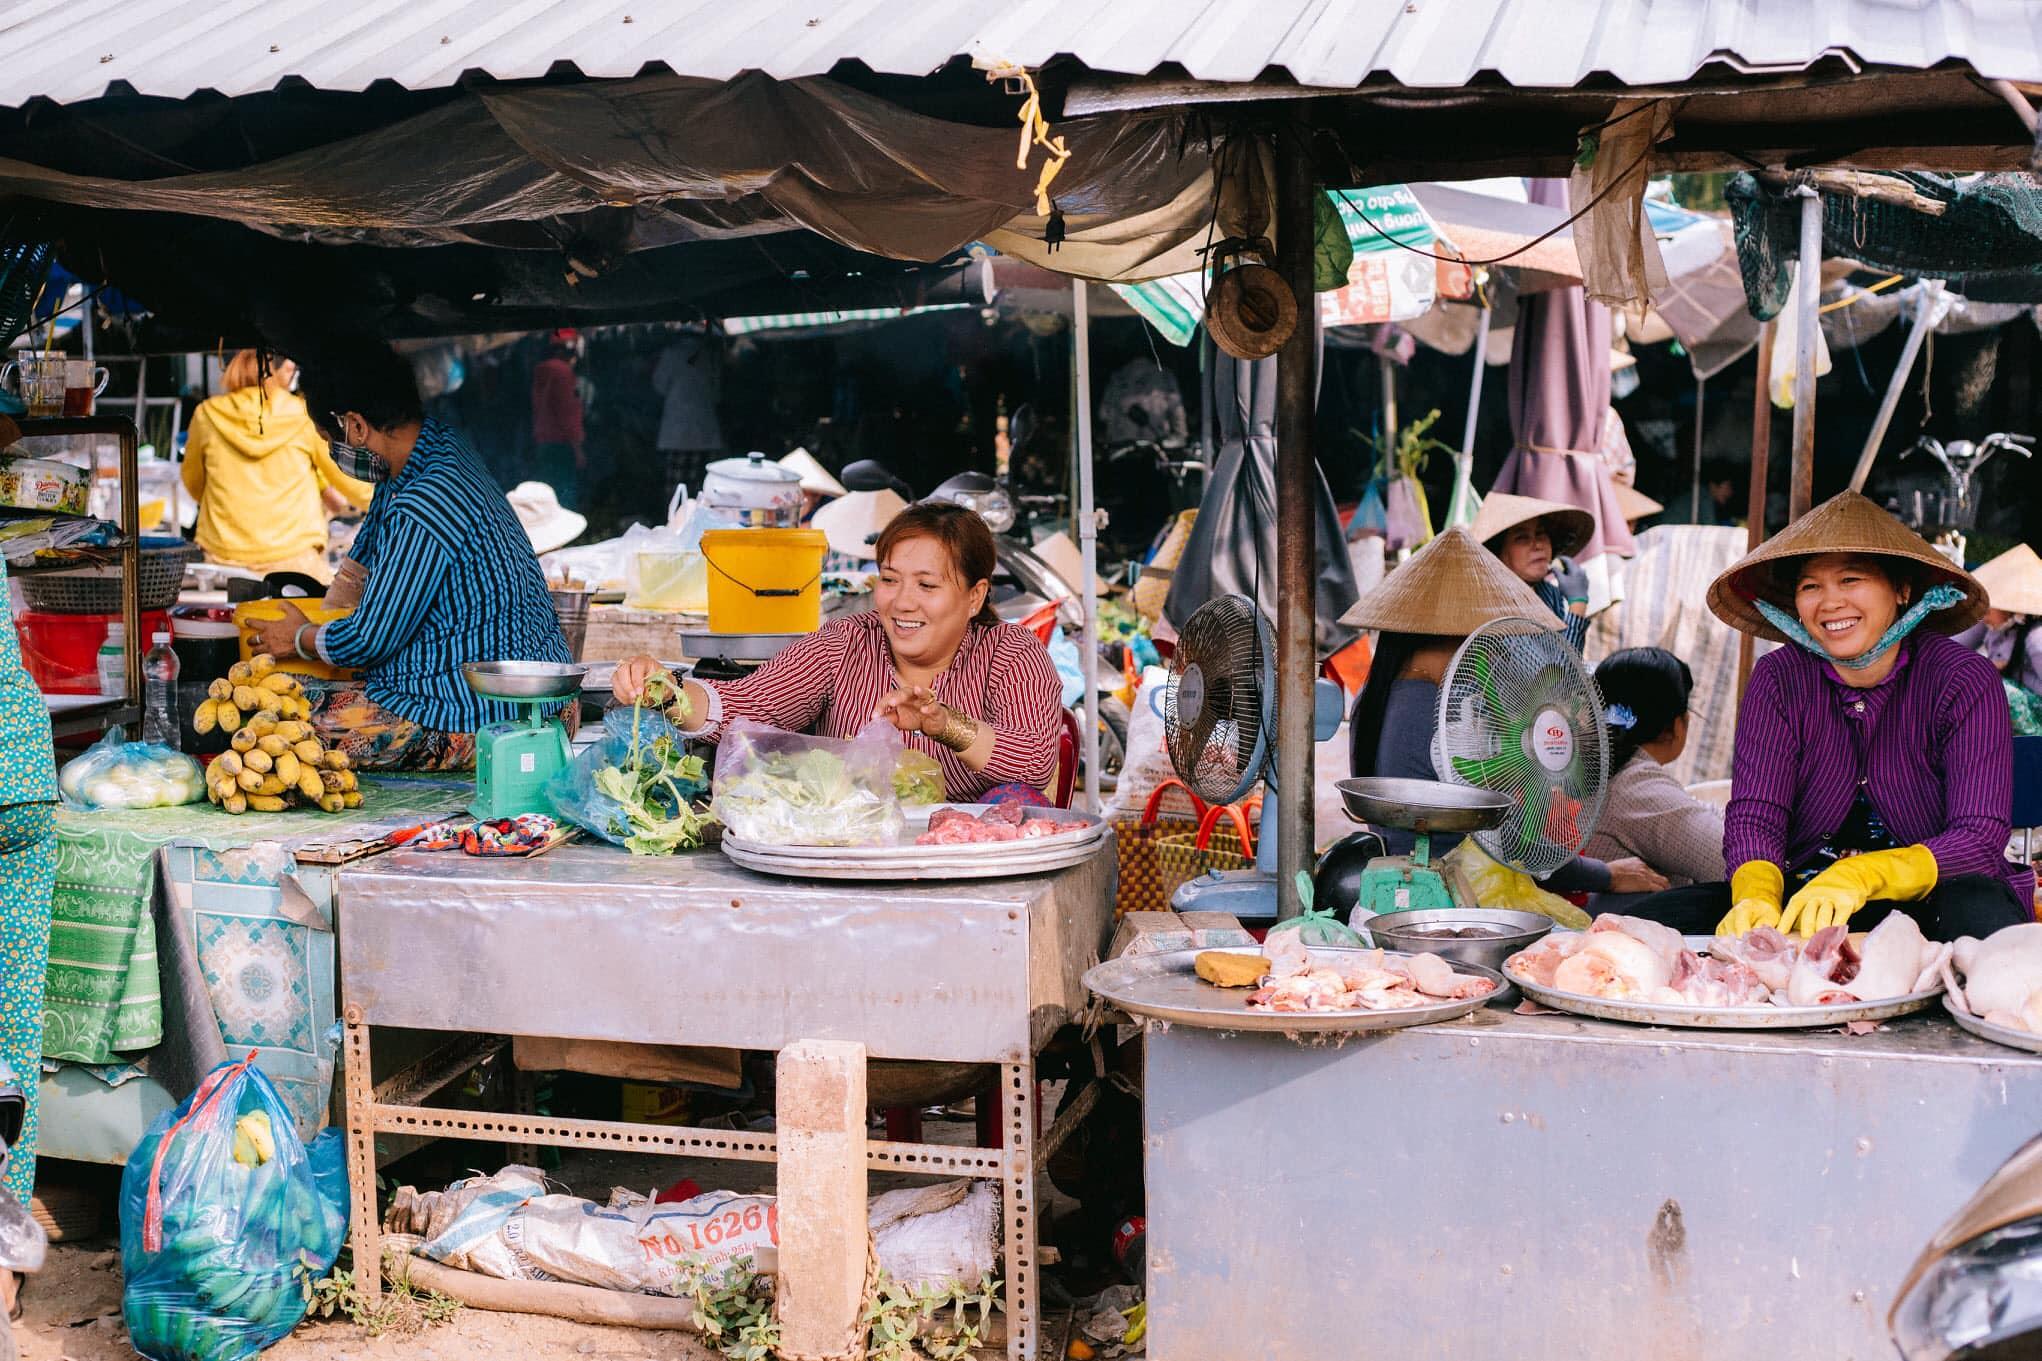 Chợ quê miền Tây (Tân Hội - Cai Lậy)